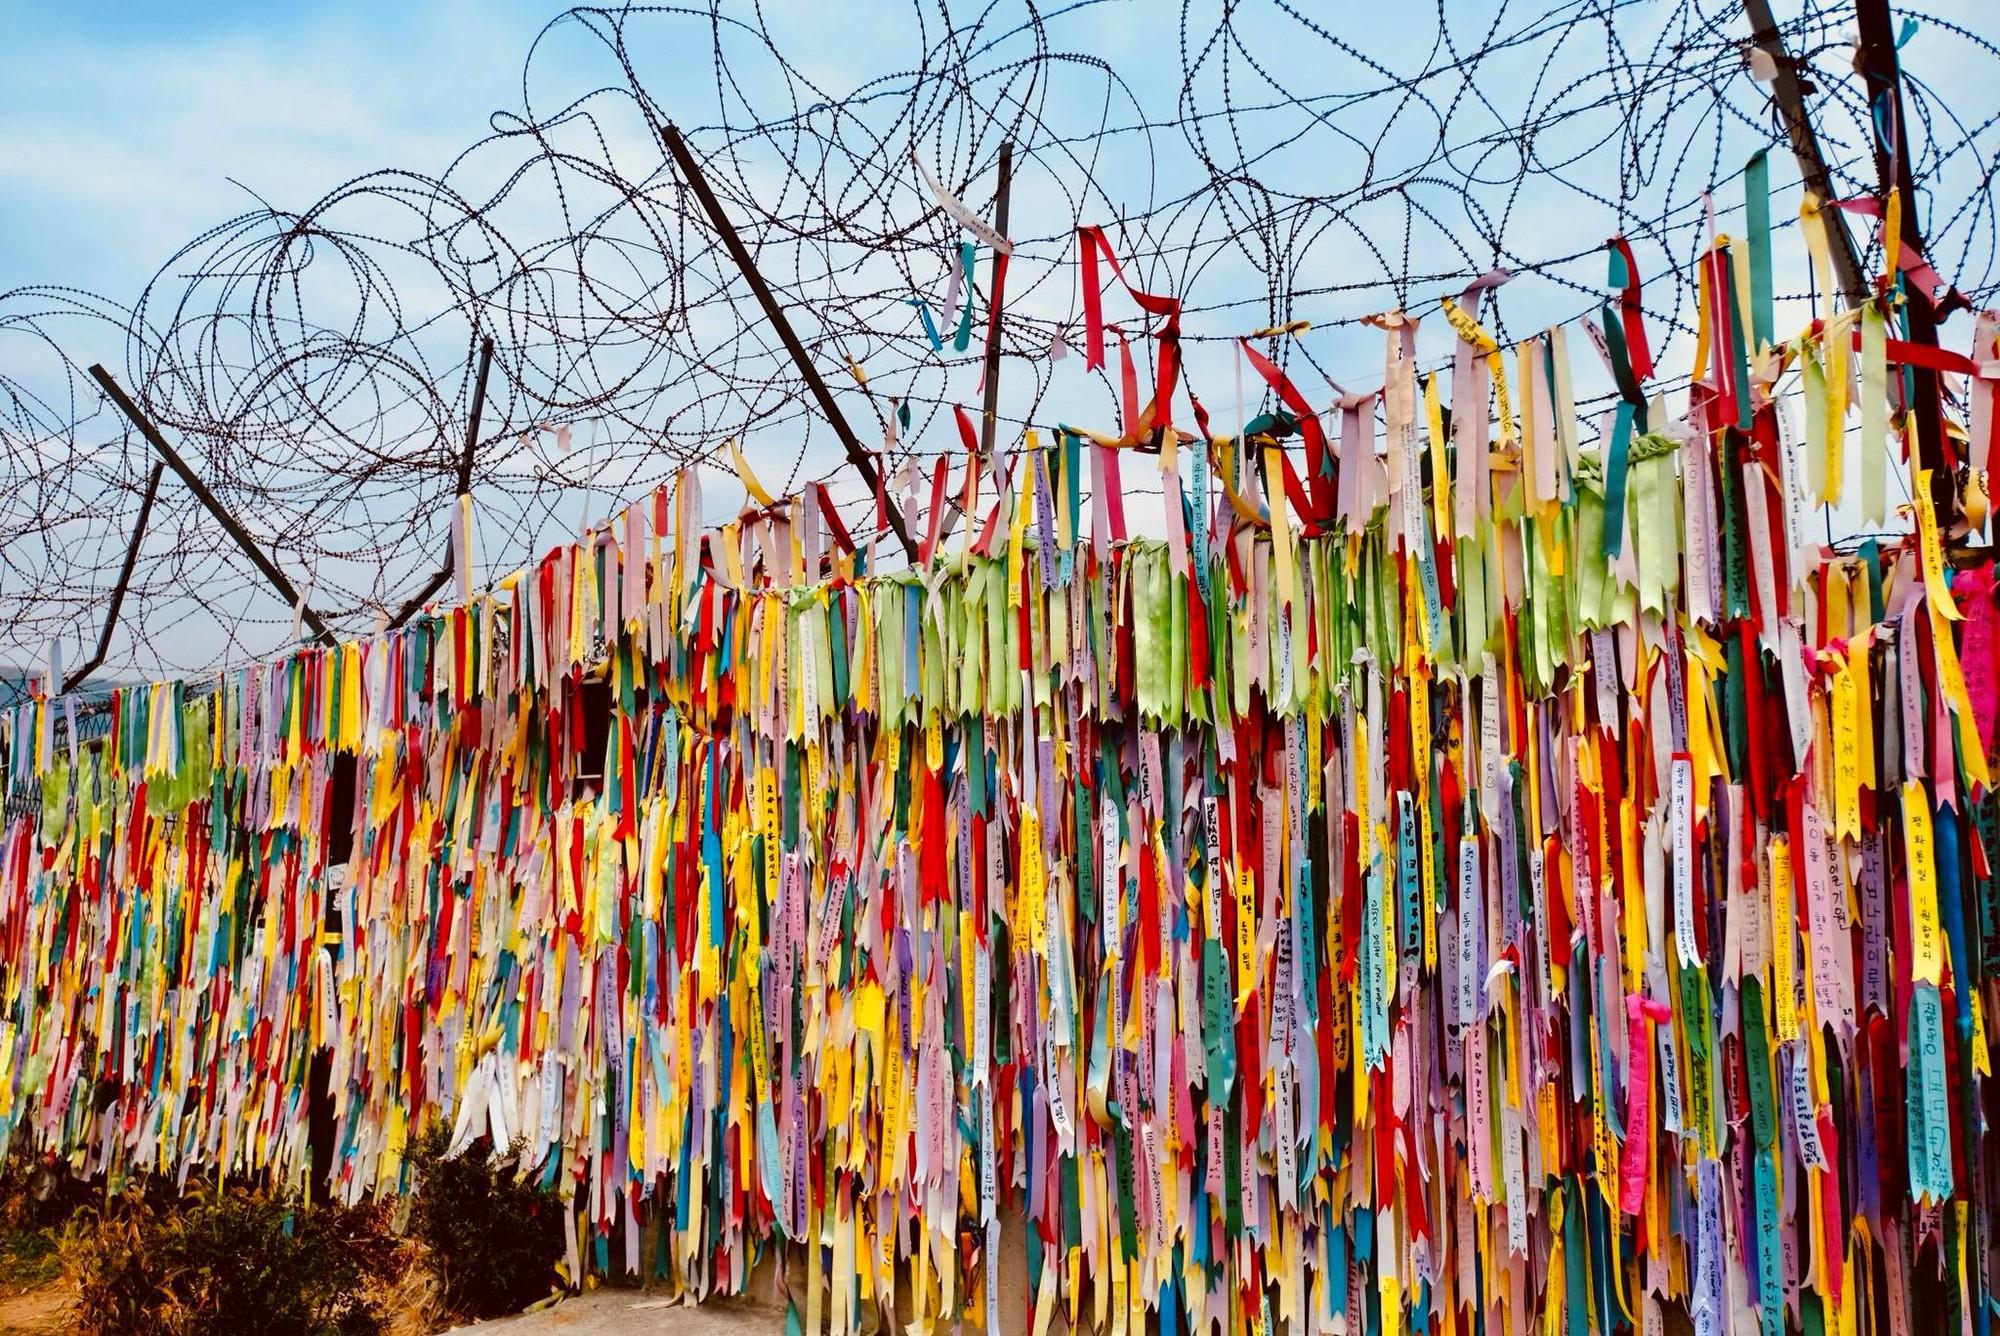 [PHOTO ESSAY] Thù địch và hy vọng ở DMZ liên Triều nhìn từ hai phía qua ống kính người Việt - Ảnh 23.